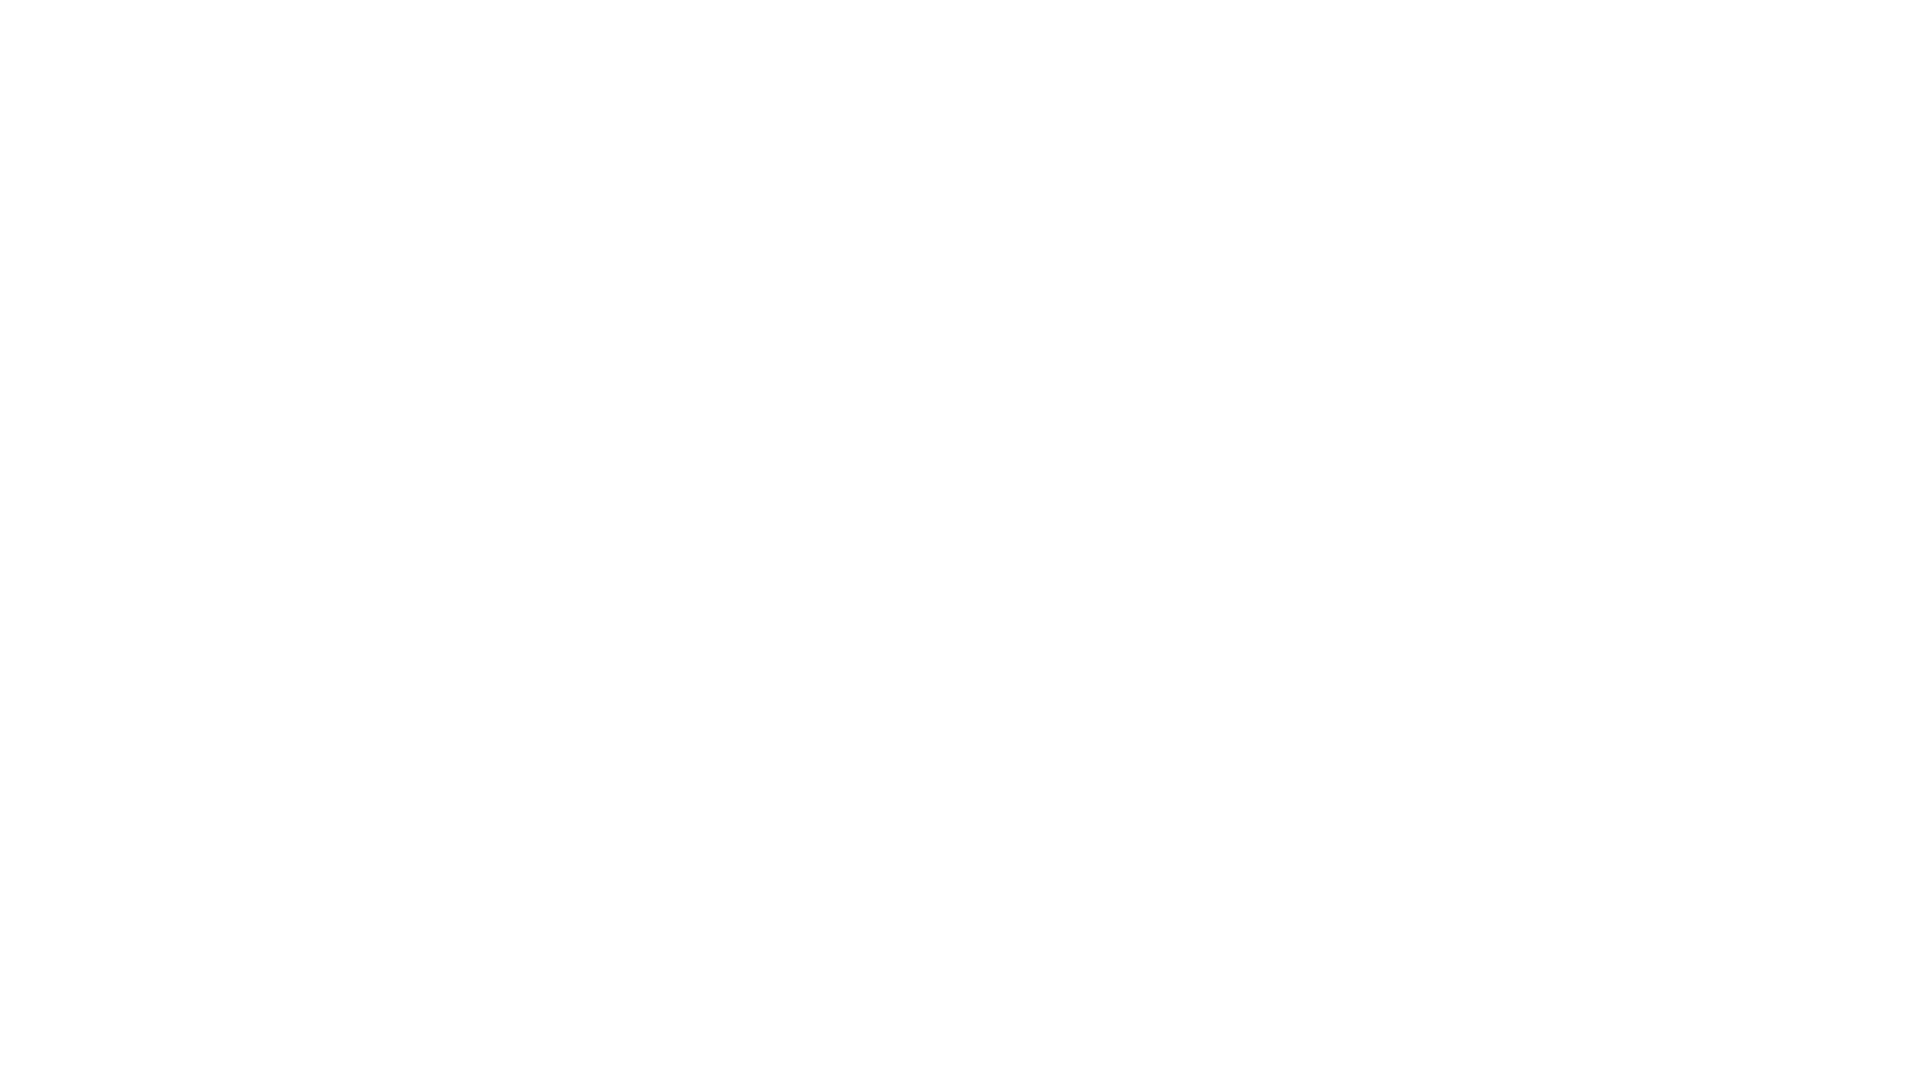 Nordlicht Sprachdienstleistungen